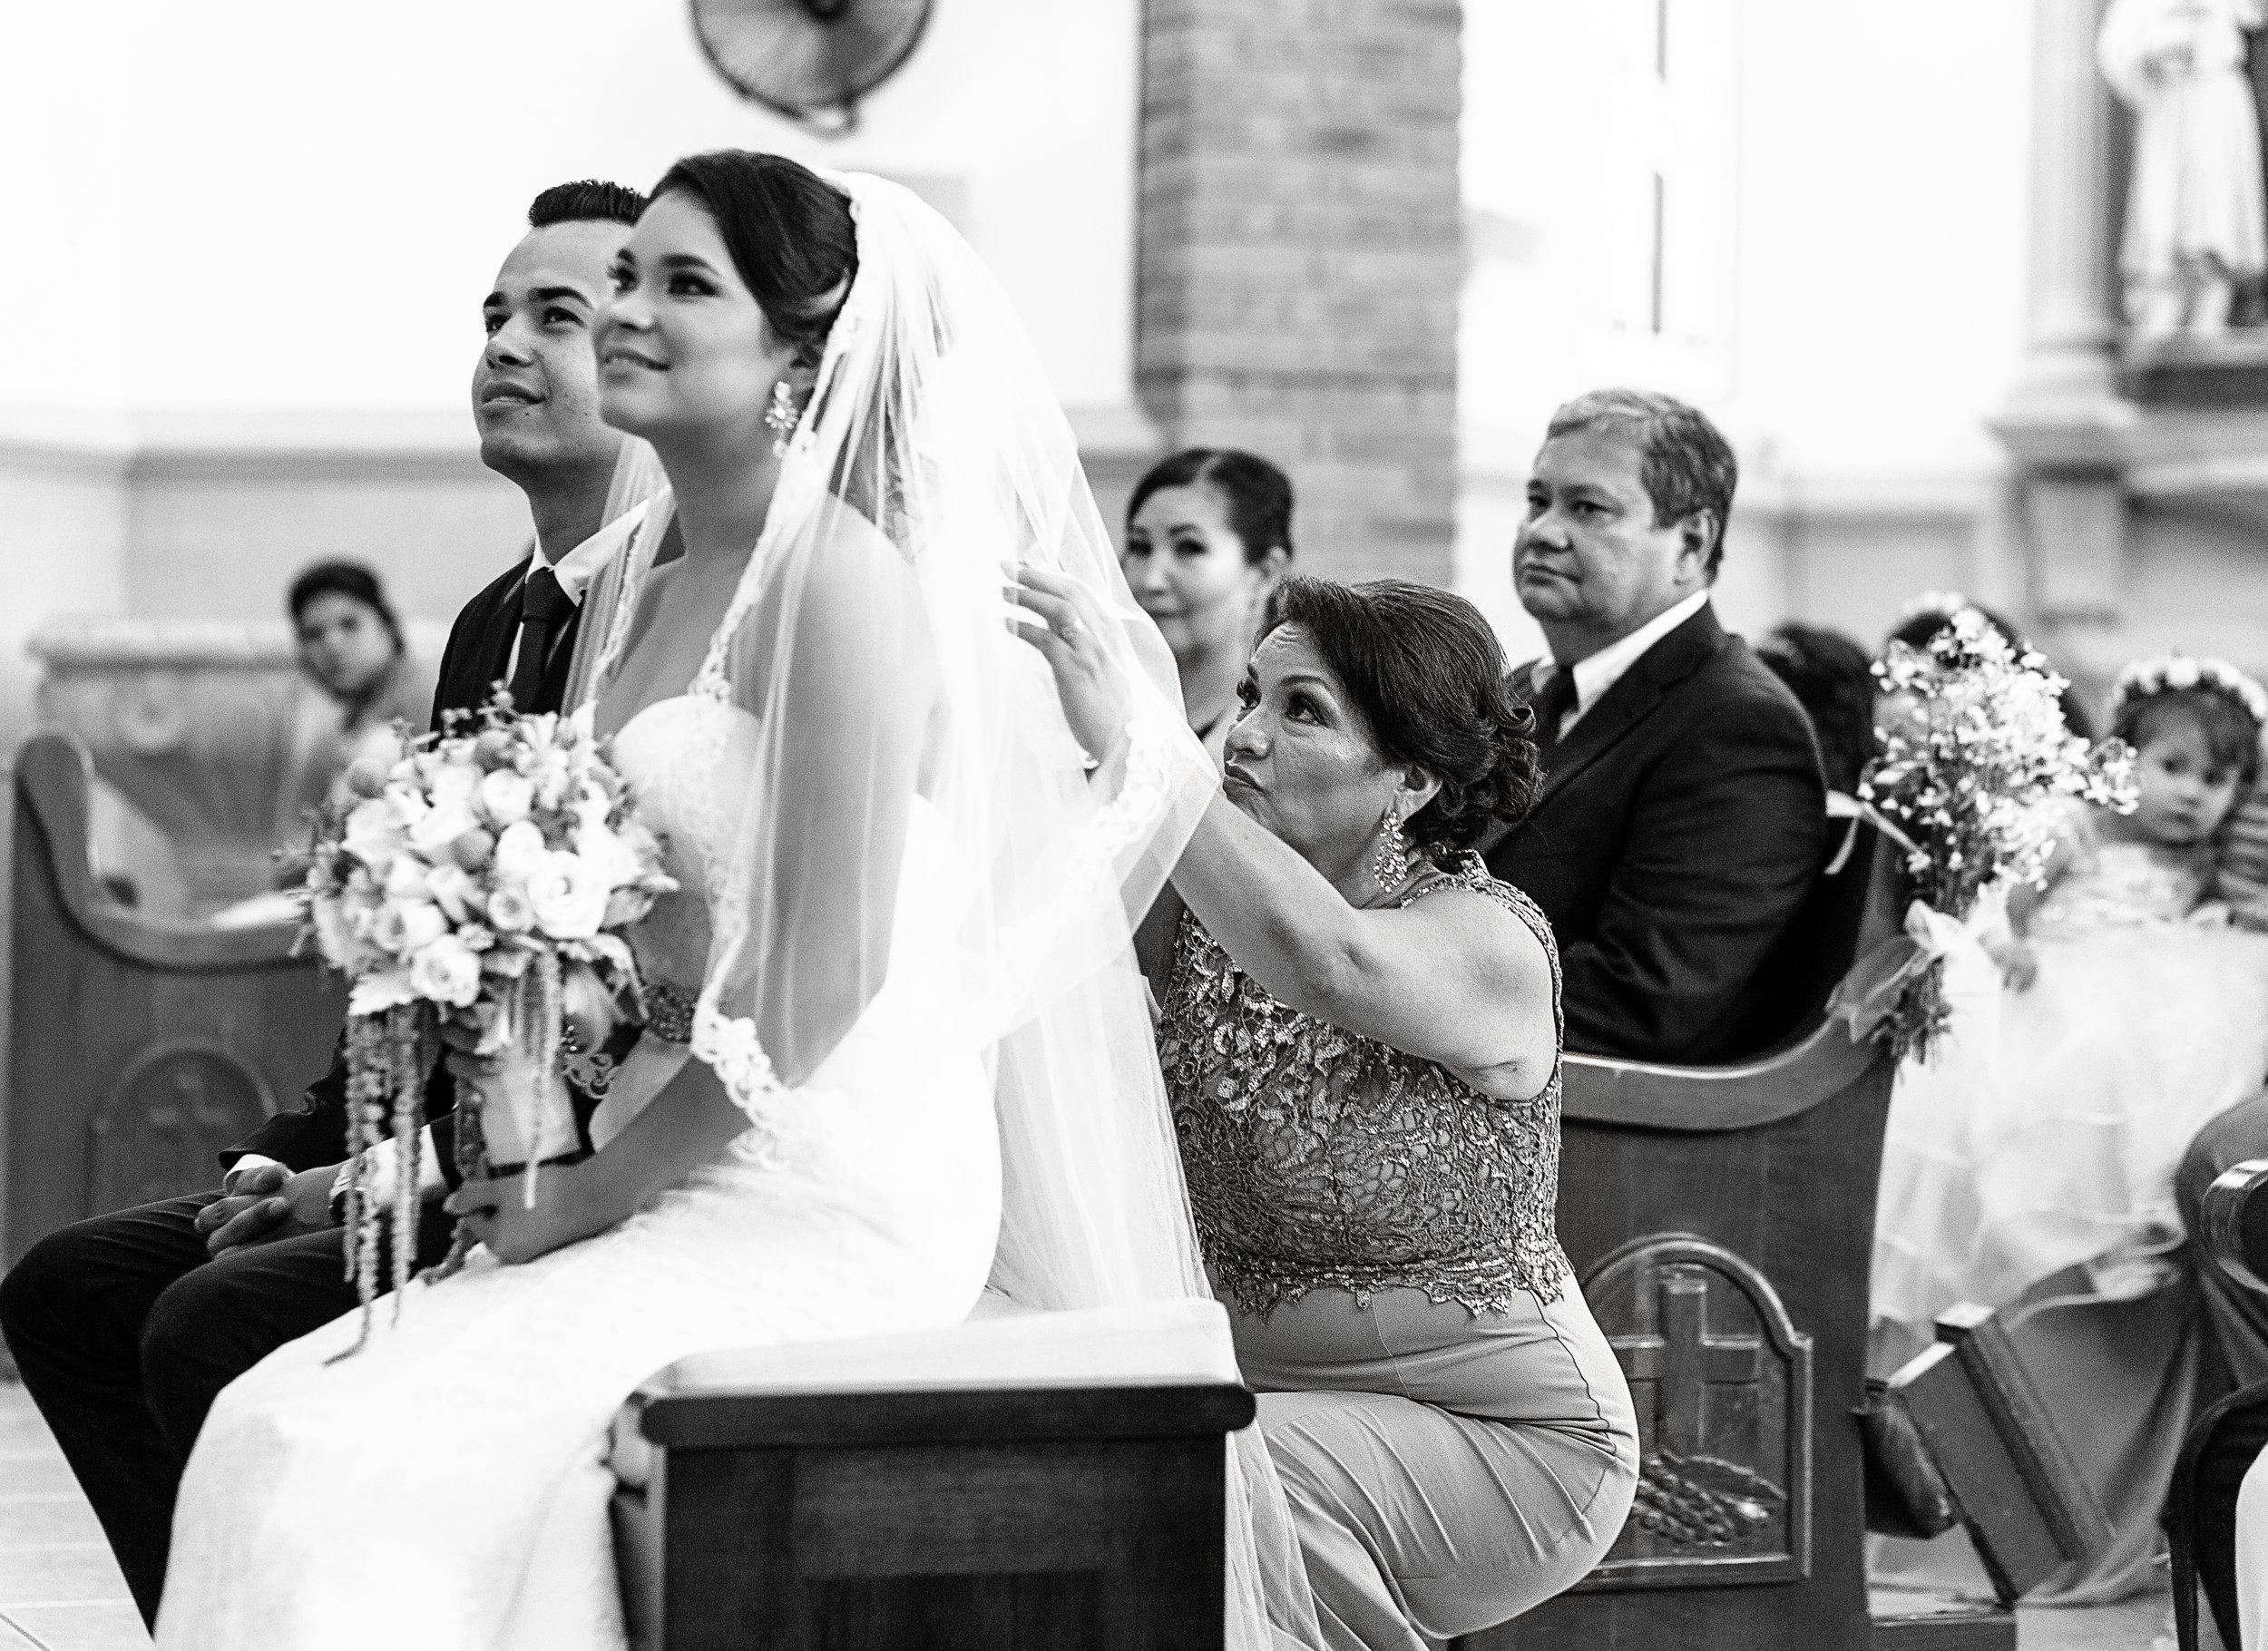 Madre de la novia reajustando el velo durante la ceremonia religiosa de la boda